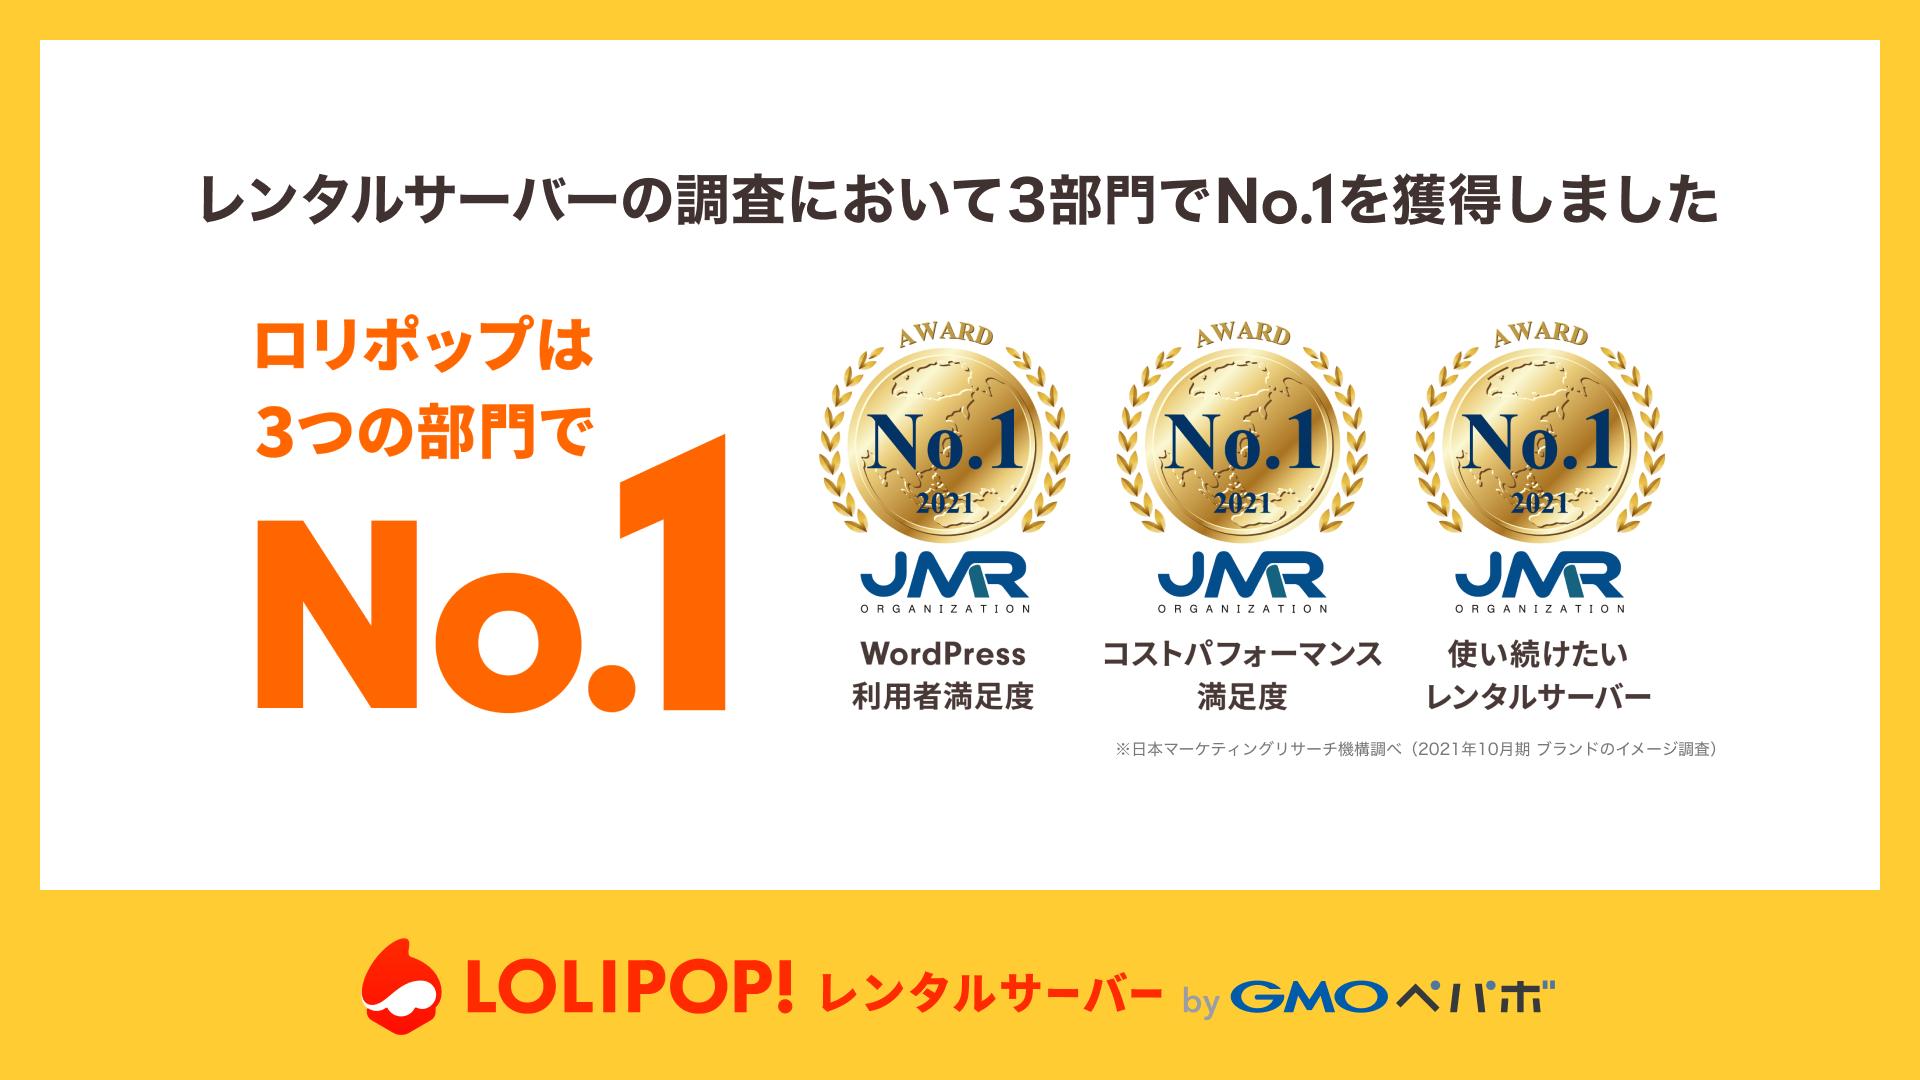 ロリポップが「WordPress 利用者満足度」など3つの部門でNo.1を獲得しました